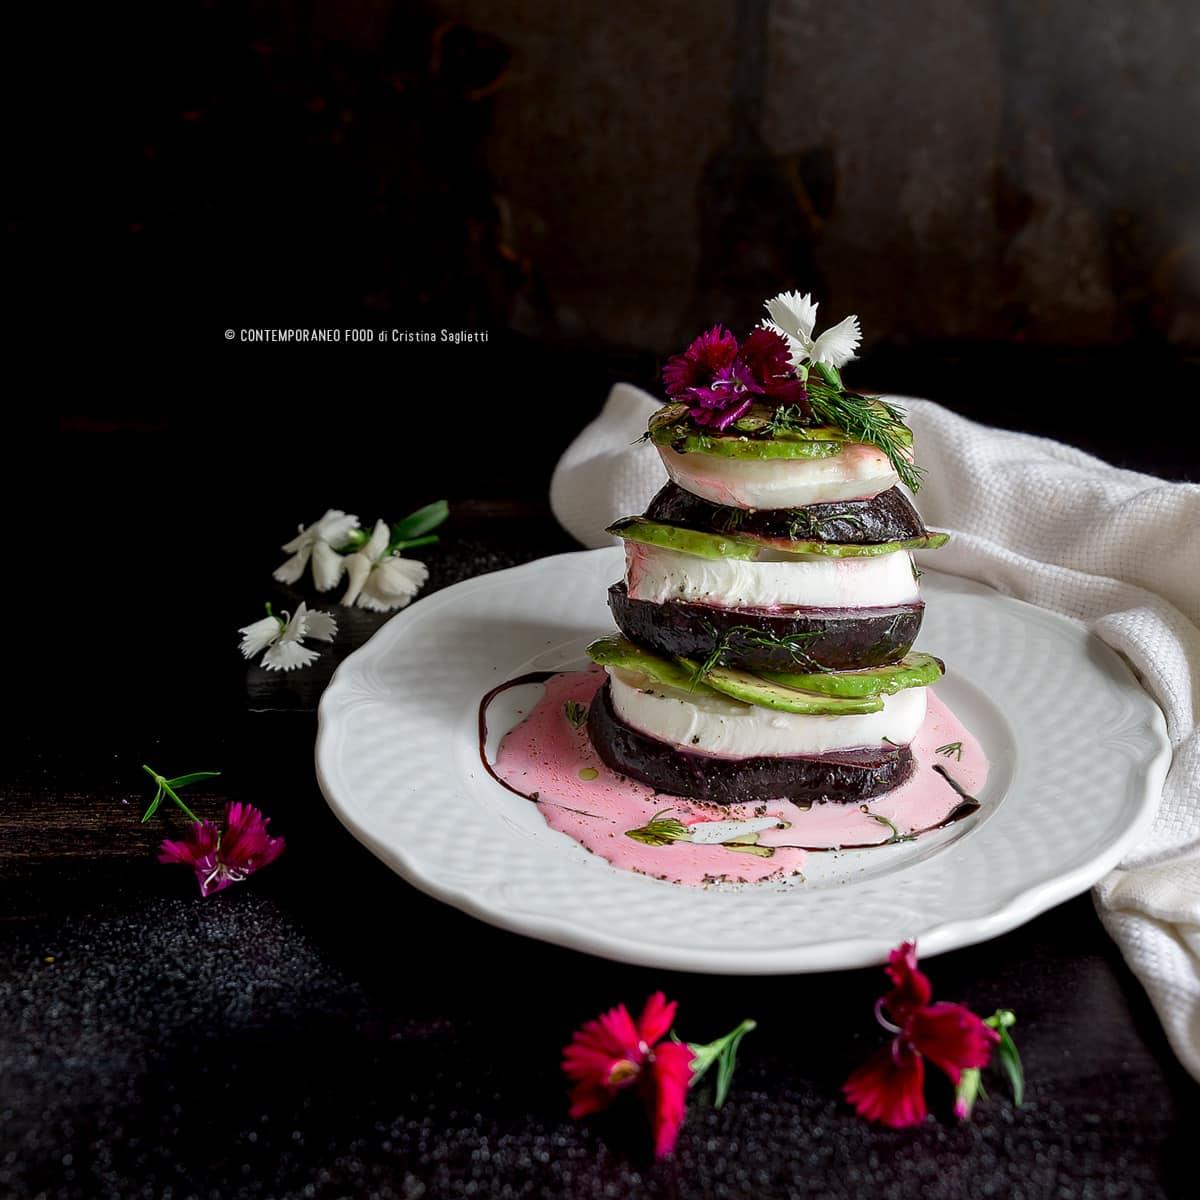 avocado-barbabietola-rossa-mozzarella-di-bufala-carpaccio-veloce-last-minute-ricetta-facile-contemporaneo-food